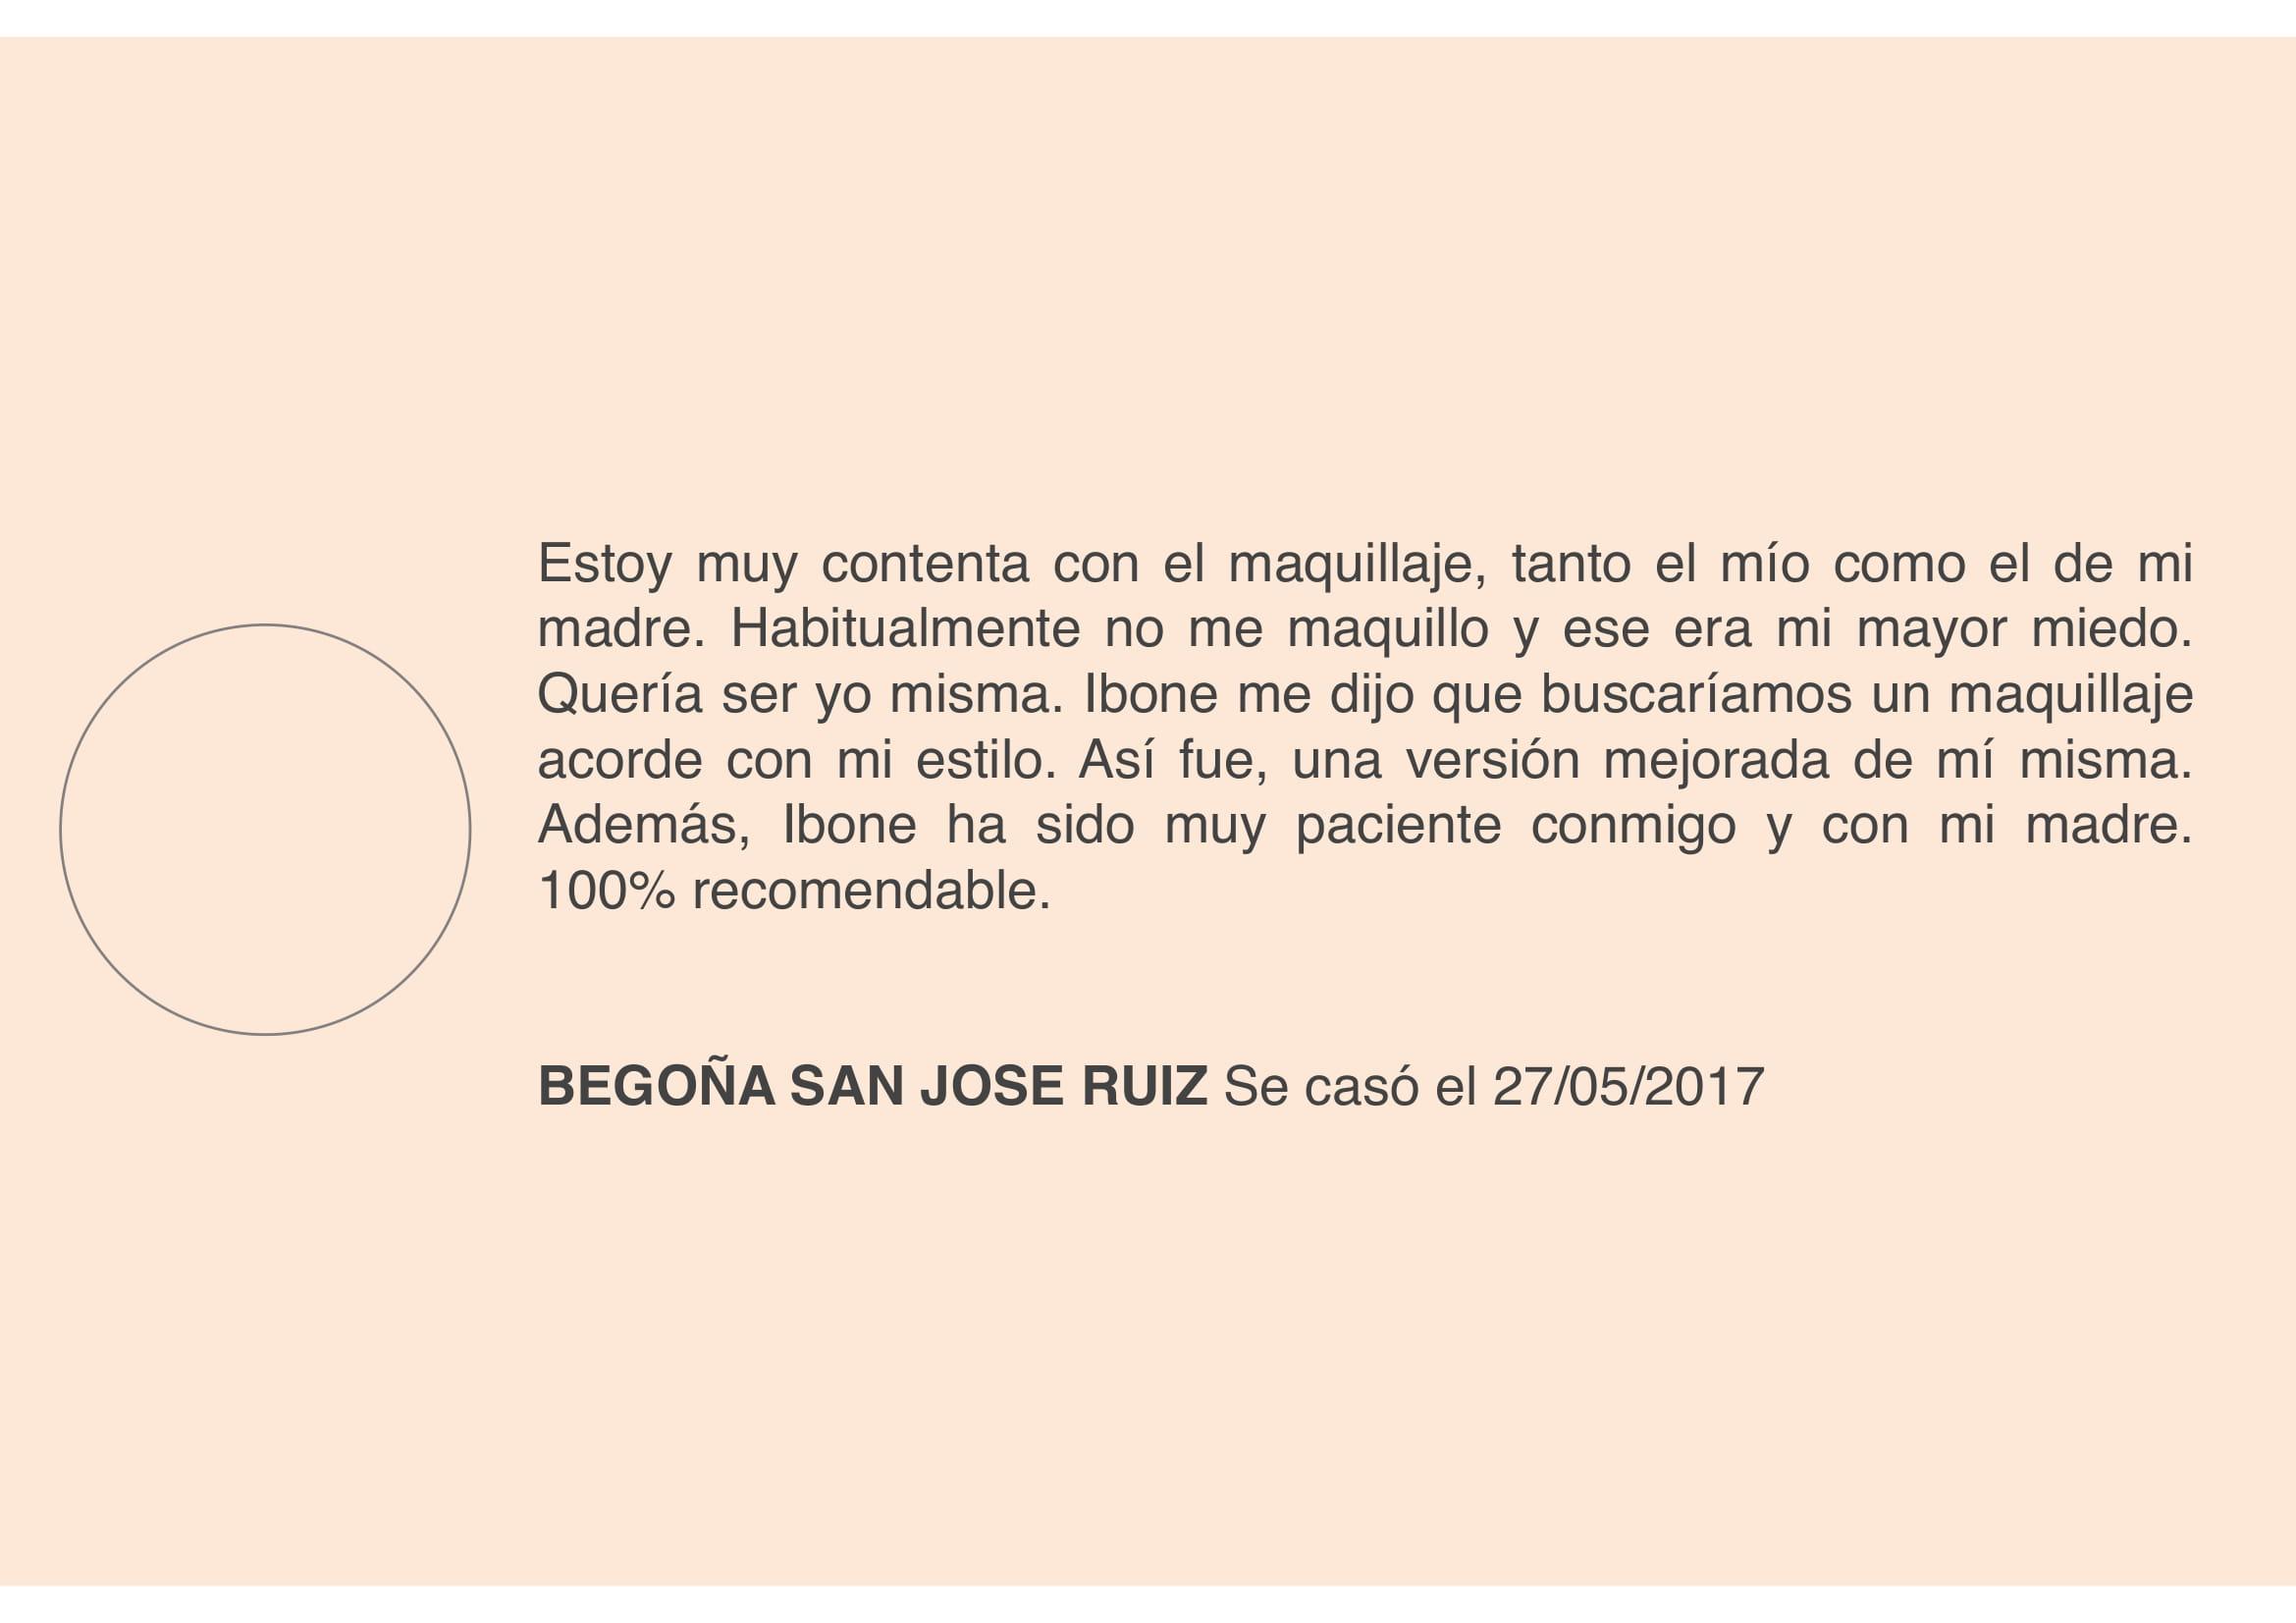 Recomendación Begoña San Jose PDF-1